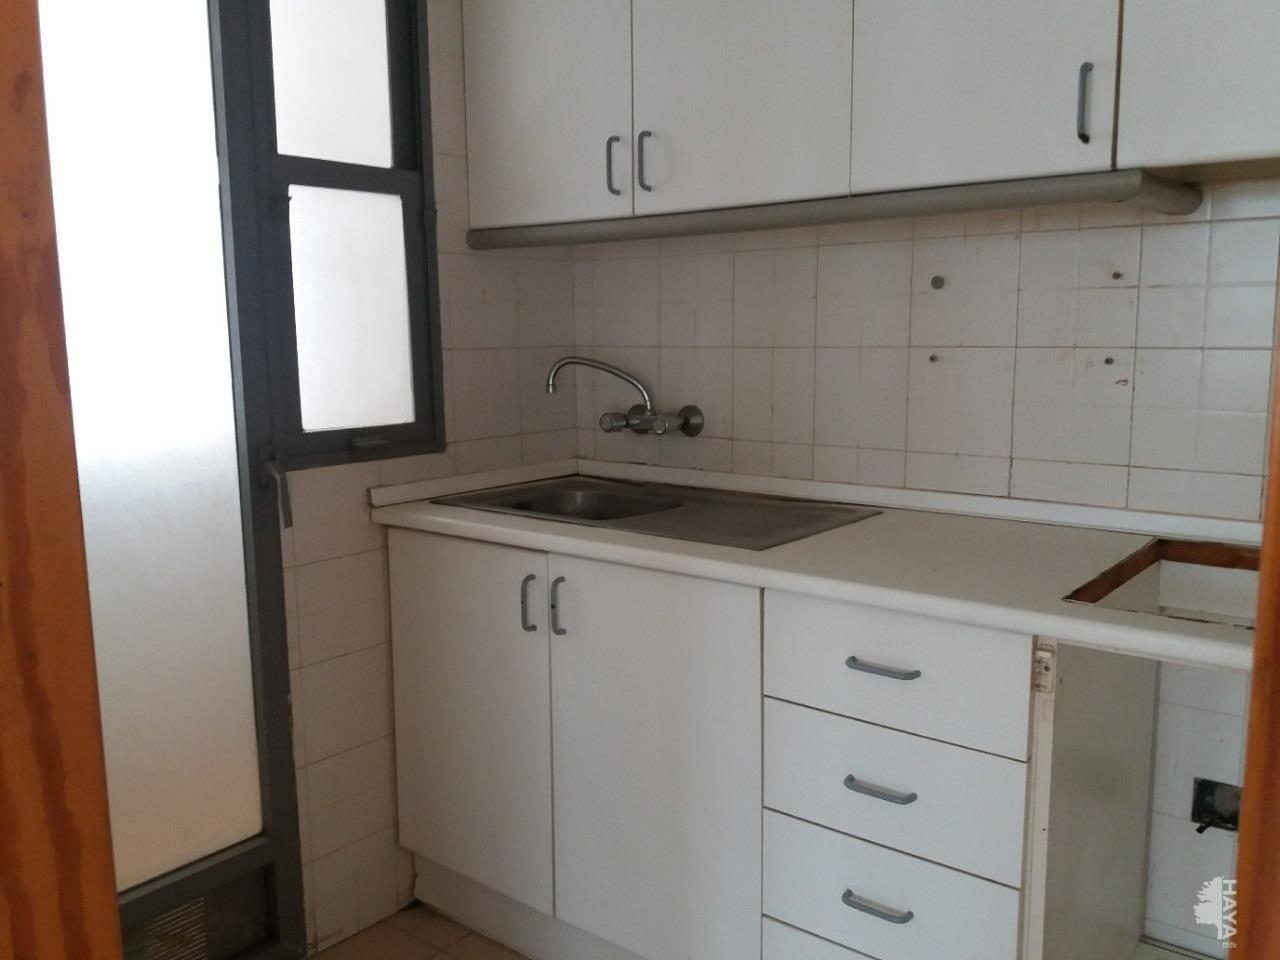 Piso en venta en Piso en Garrucha, Almería, 66.757 €, 1 habitación, 1 baño, 60 m2